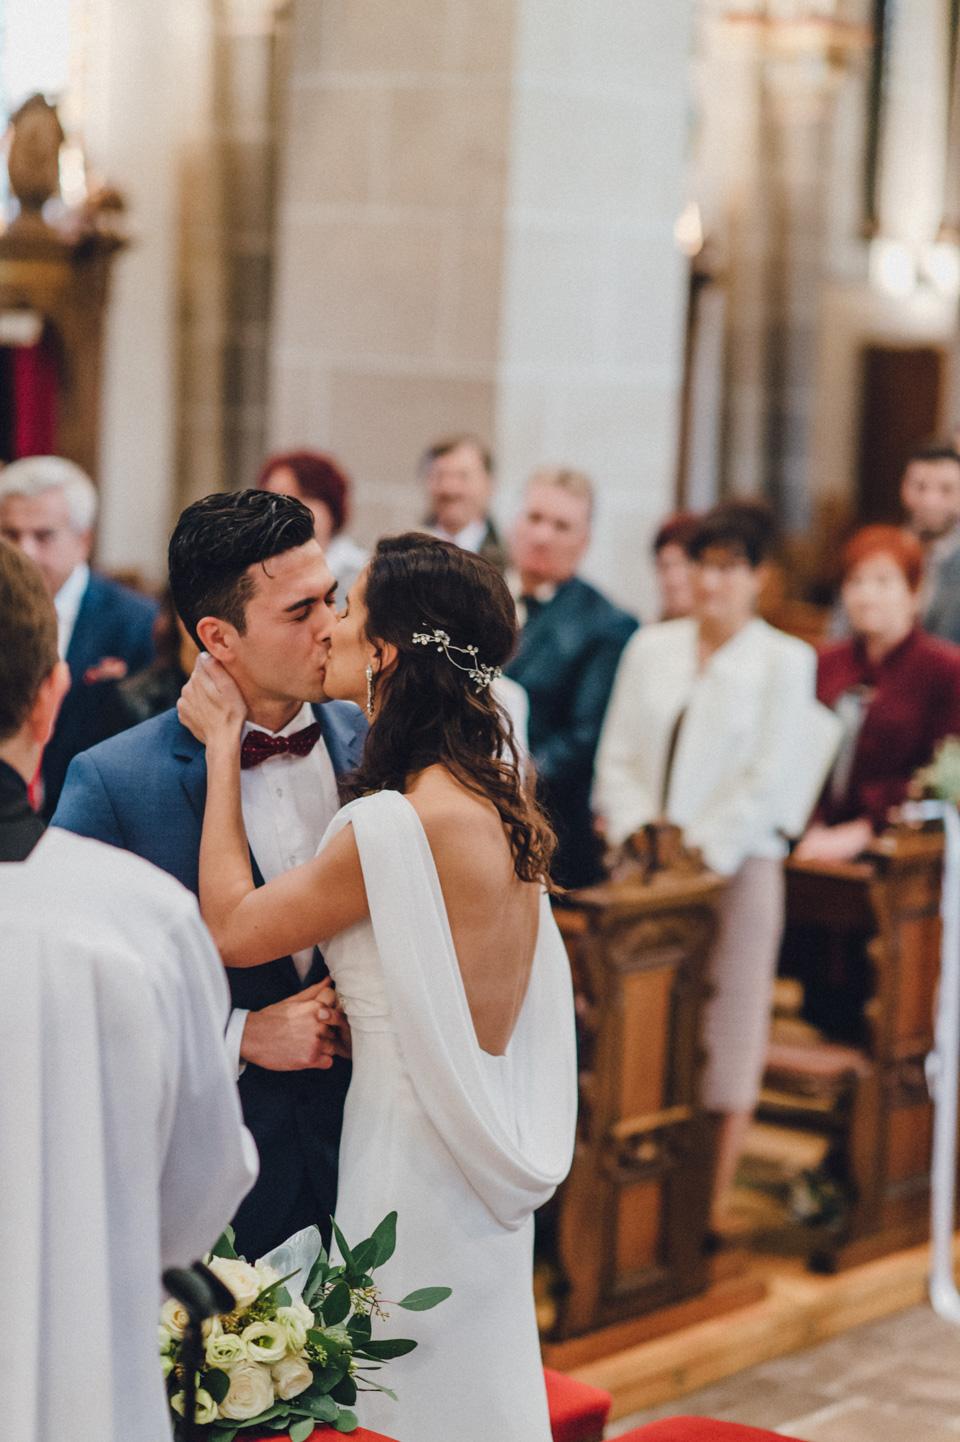 elegante-diy-hochzeit-essen-42 Ewa & Michael Herbst Hochzeit in Essenelegante diy hochzeit essen 42